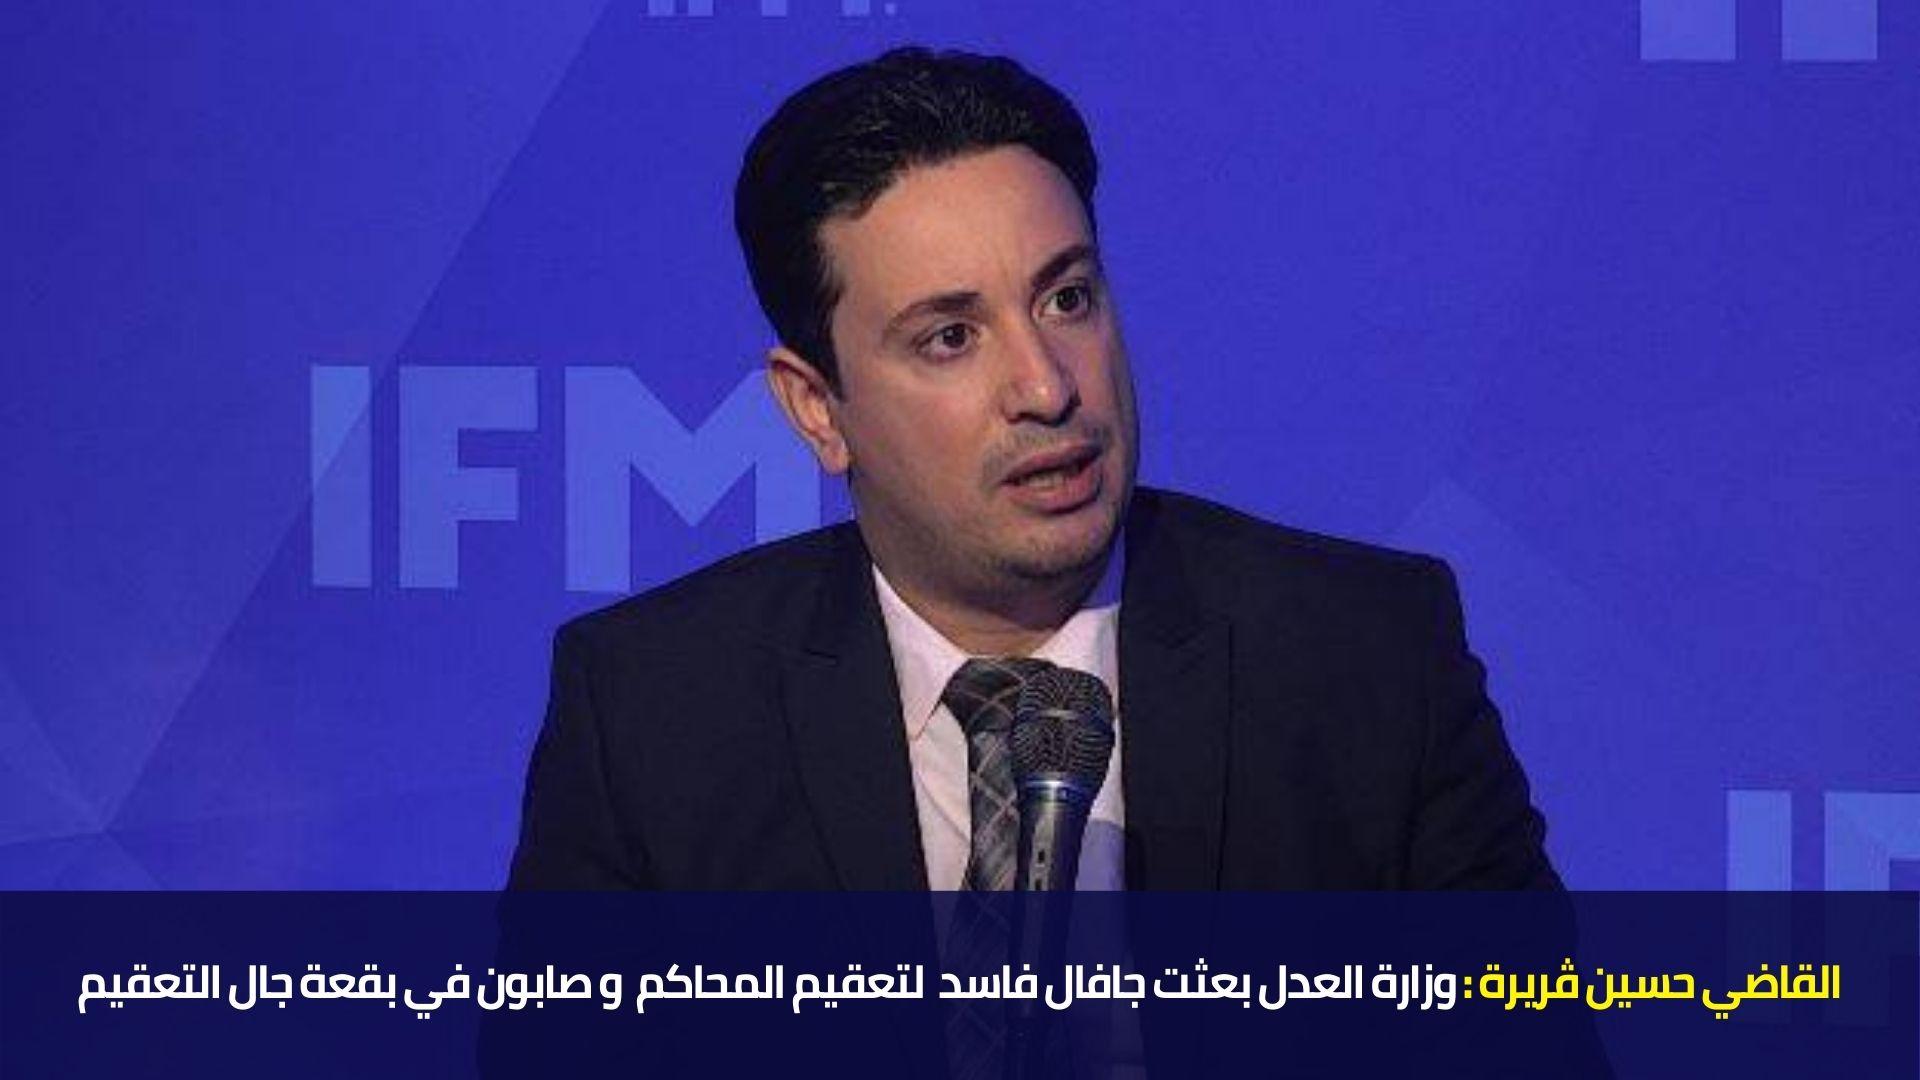 القاضي حسين ڤريرة : وزارة العدل بعثت جافال فاسد  لتعقيم المحاكم  و صابون في بقعة جال التعقيم